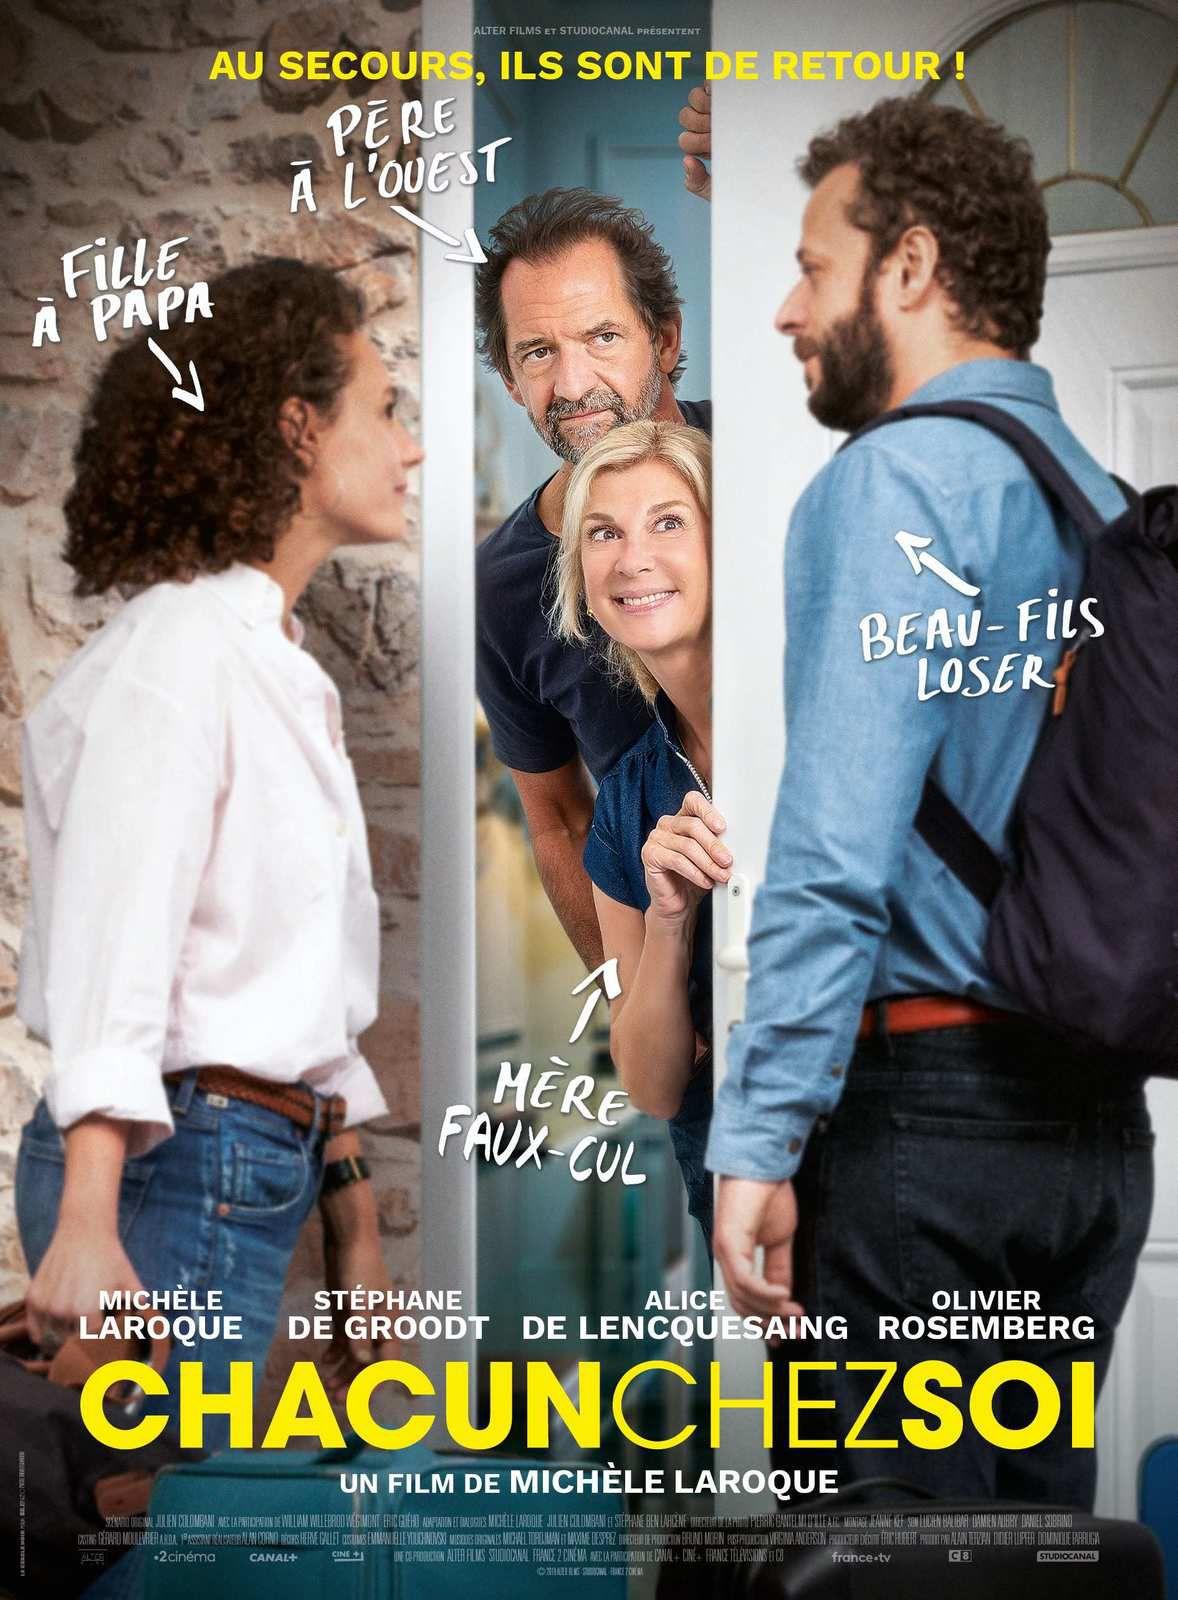 Sortie de la comédie Chacun chez soi, avec Michèle Laroque et Stéphane de Groodt, repoussée au 10 juin.